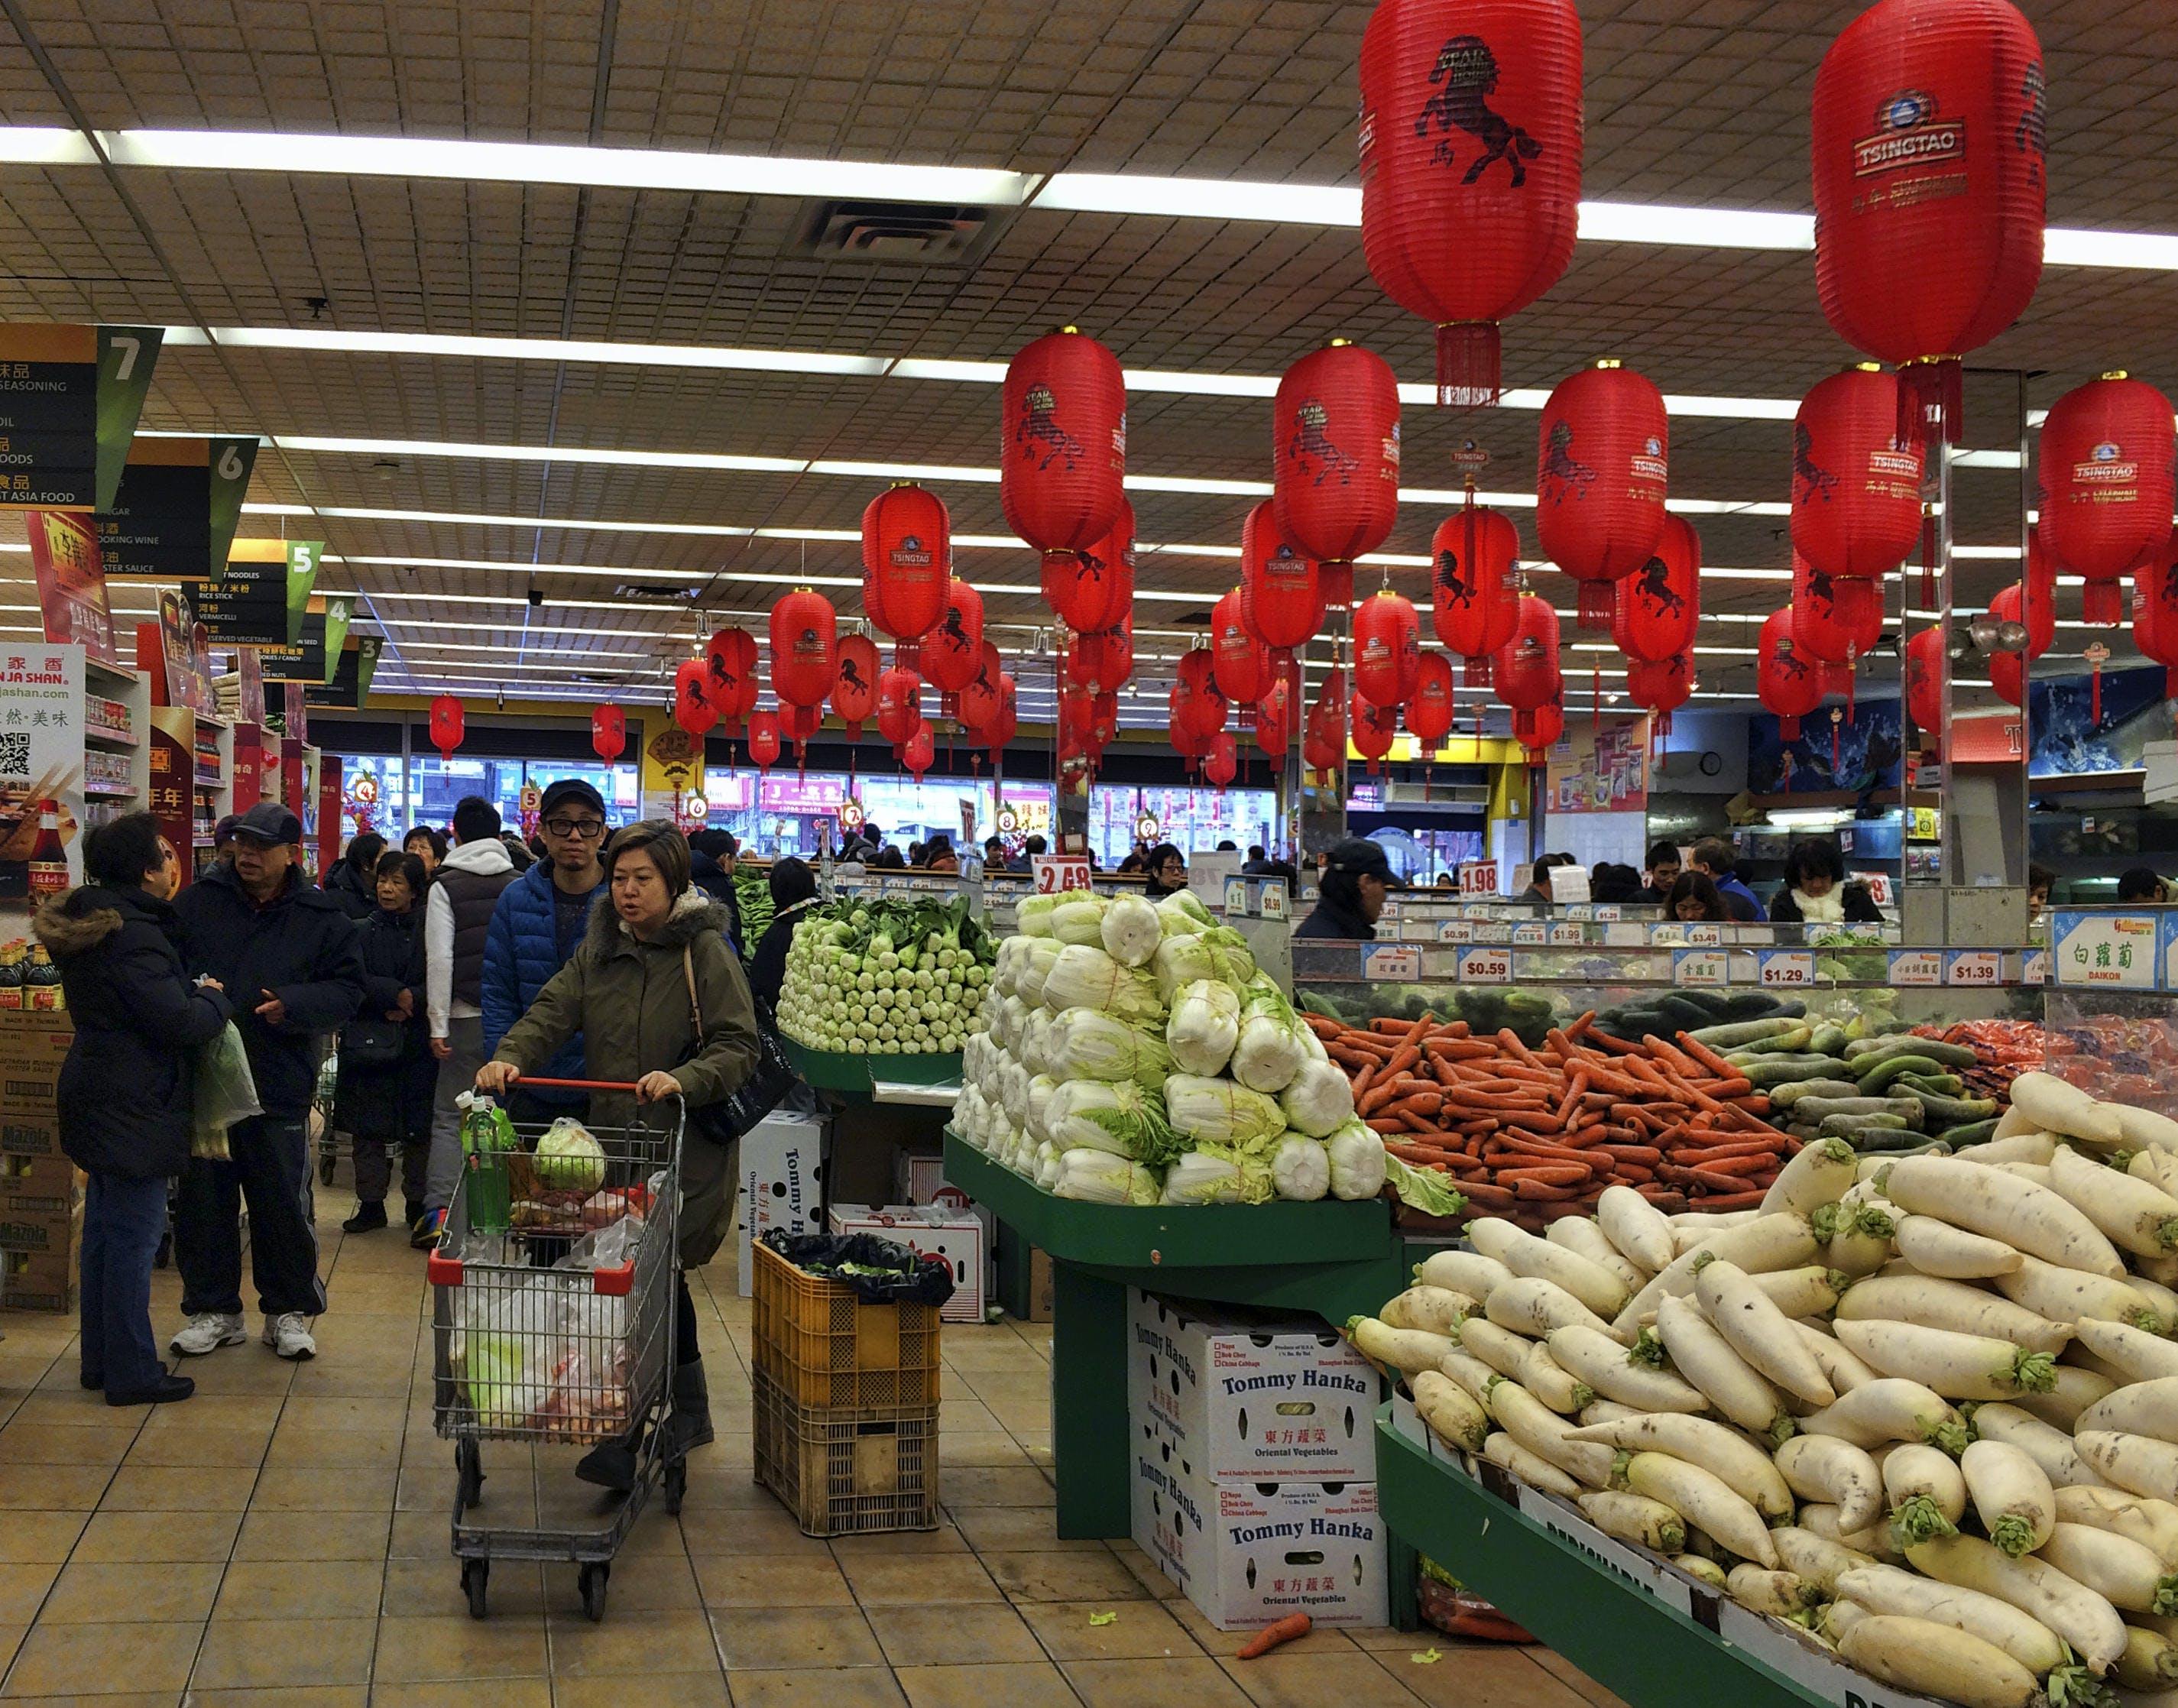 iphone 5s, スーパーマーケット, ニューヨーク市, 中国のランタンの無料の写真素材